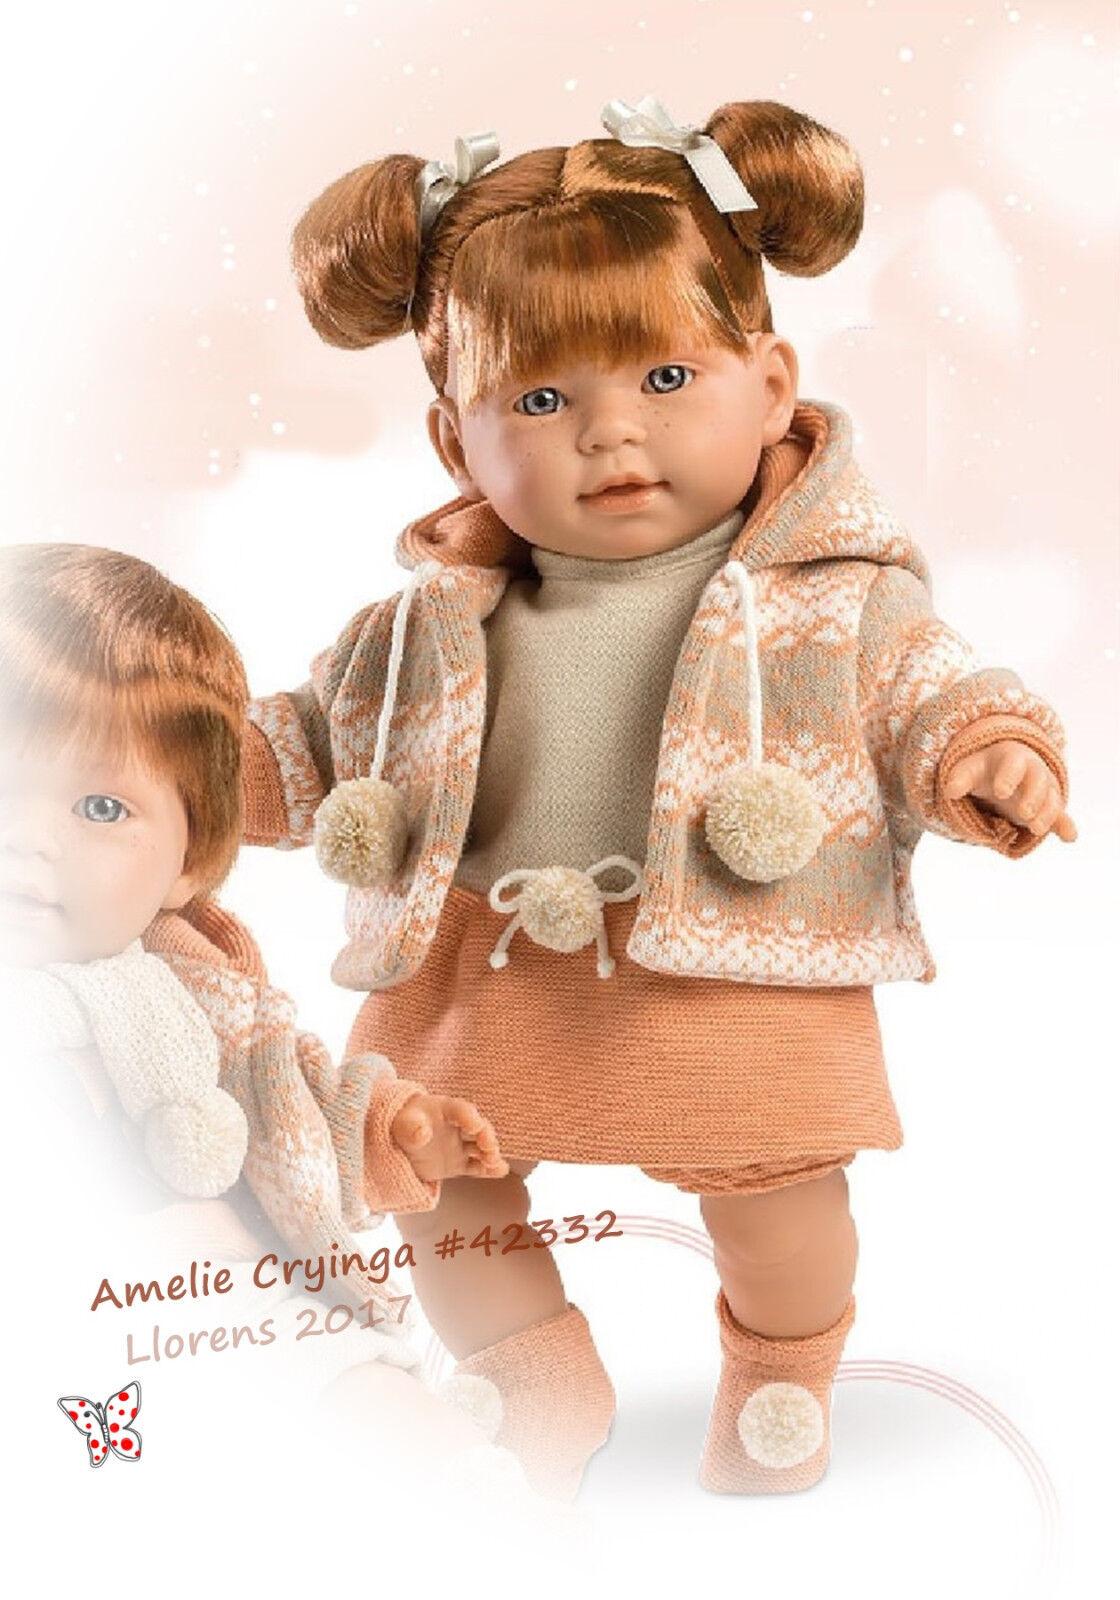 Llorens Miguel - Amelie, 42cm Puppe m. Haare, Babypuppe mit Sprachmodul